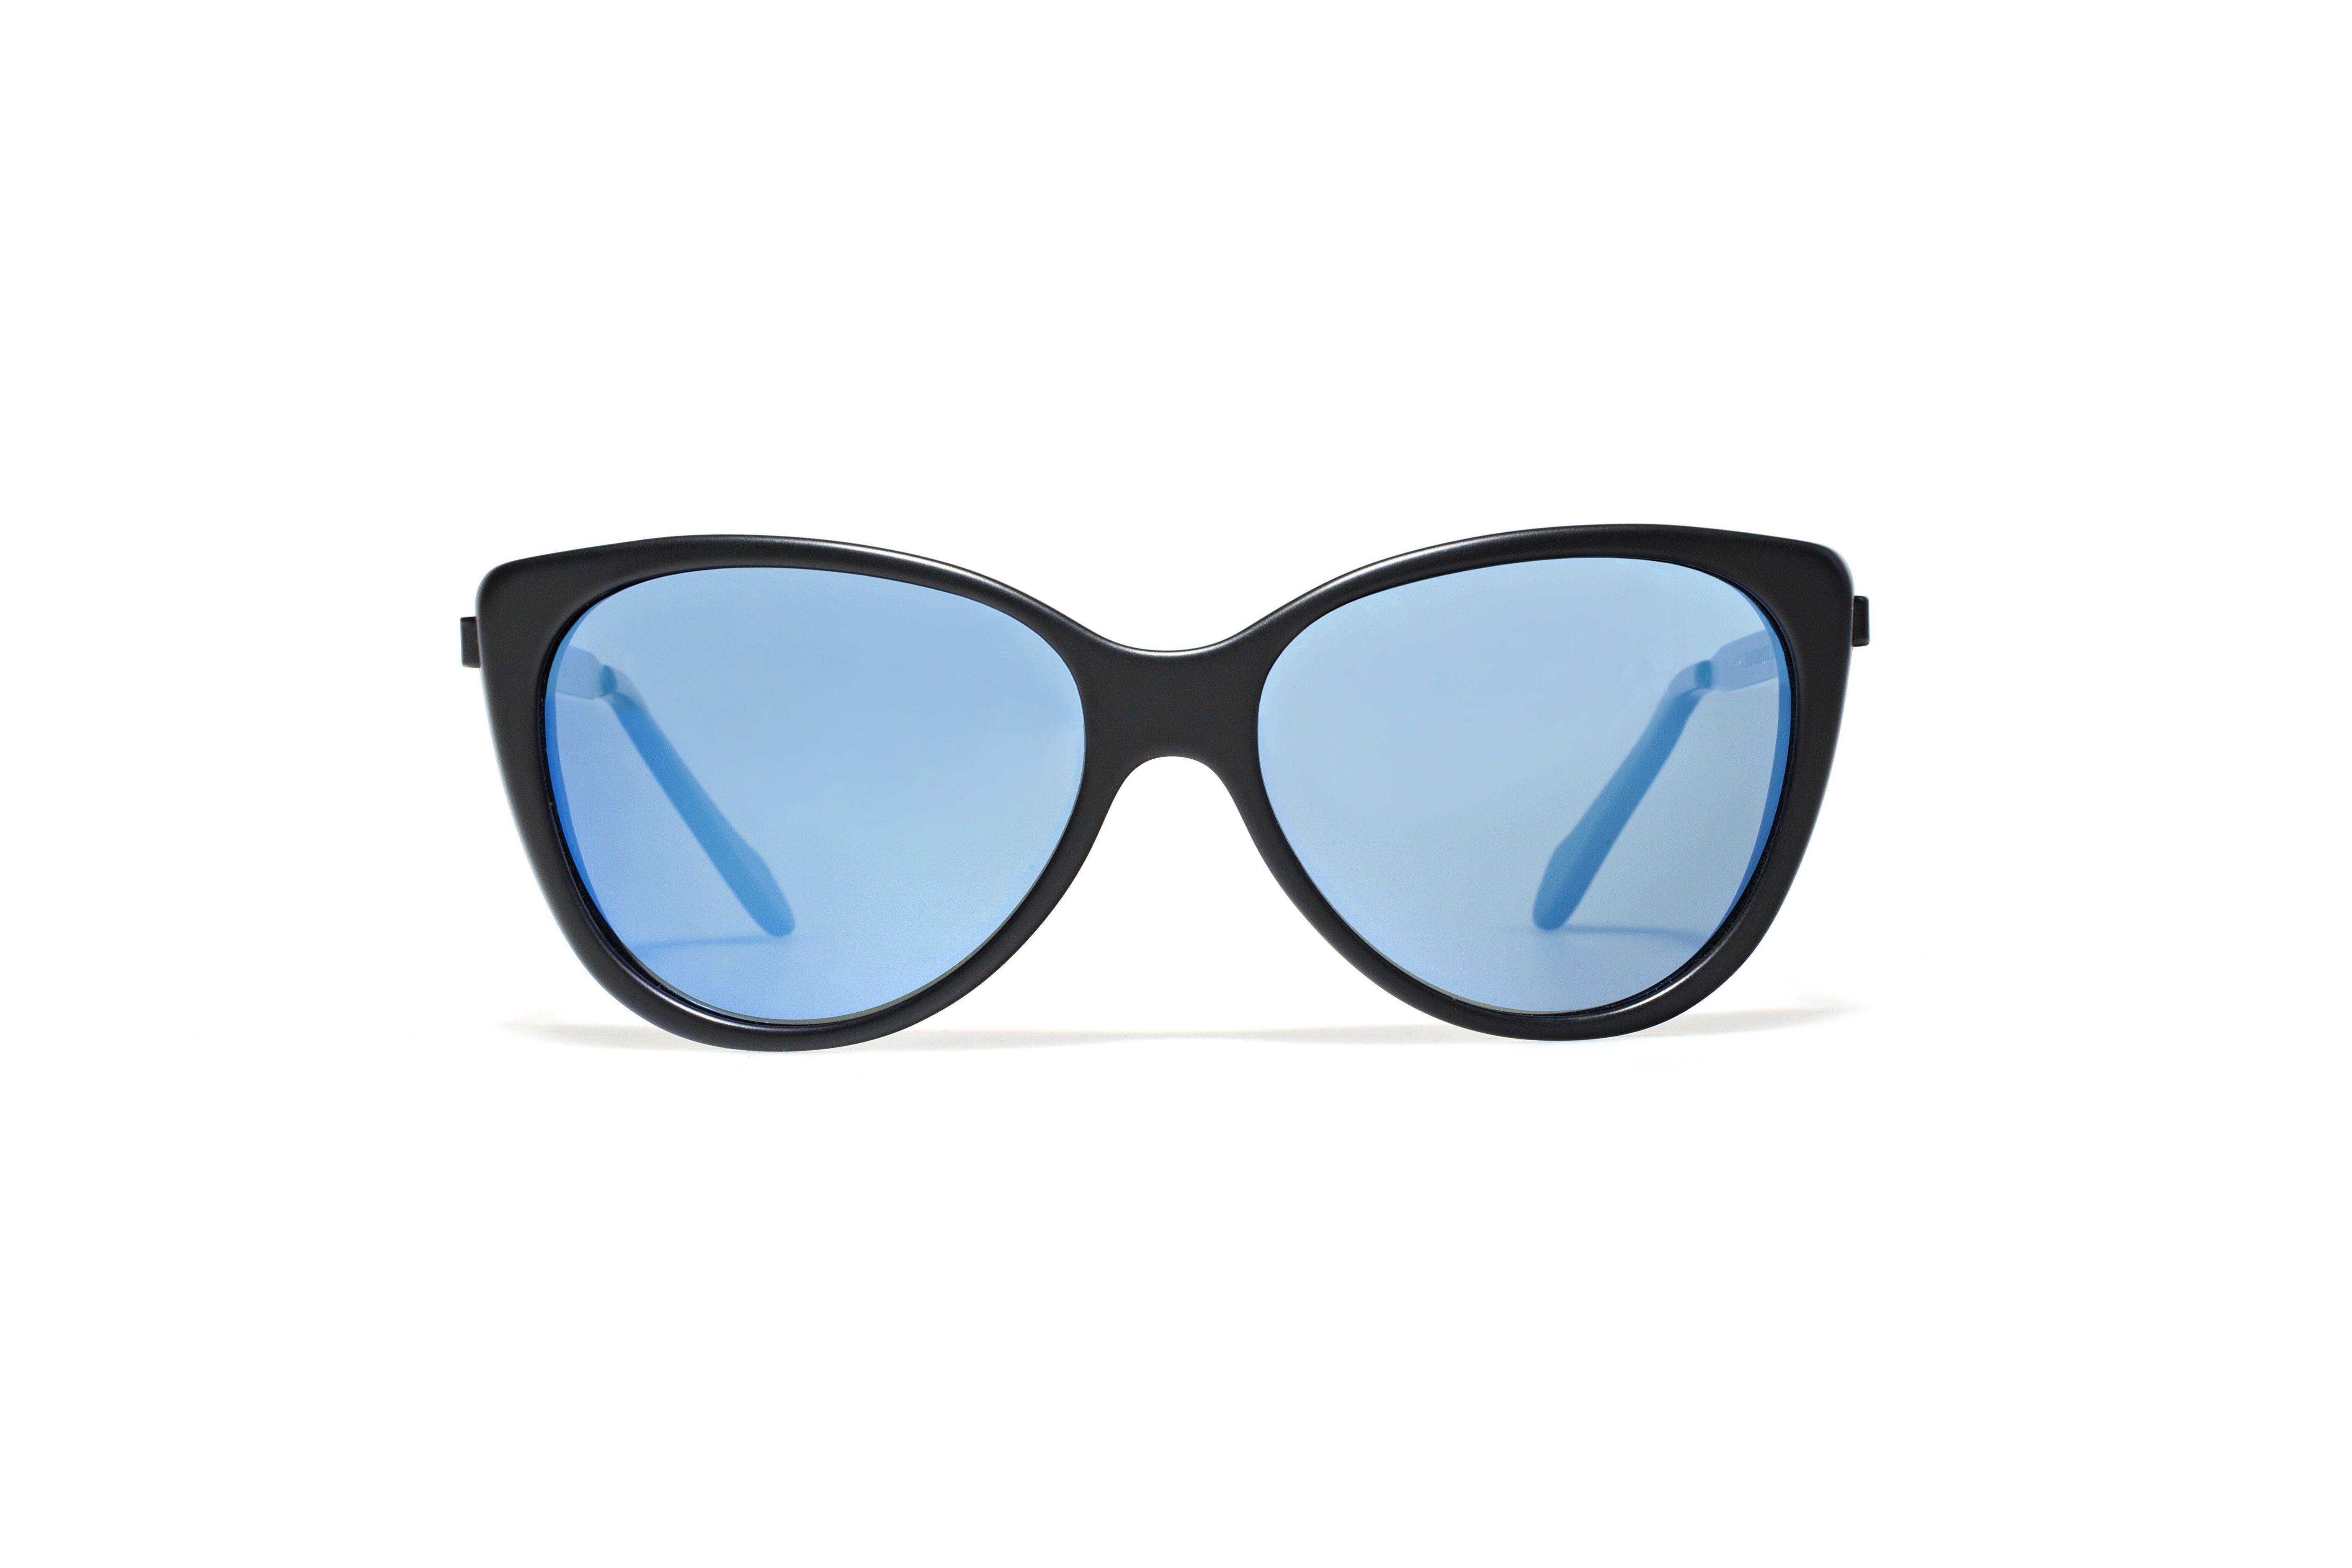 5aa8b354d90aa L.G.R sunglasses Mod. ALEXANDRIA CM black matt